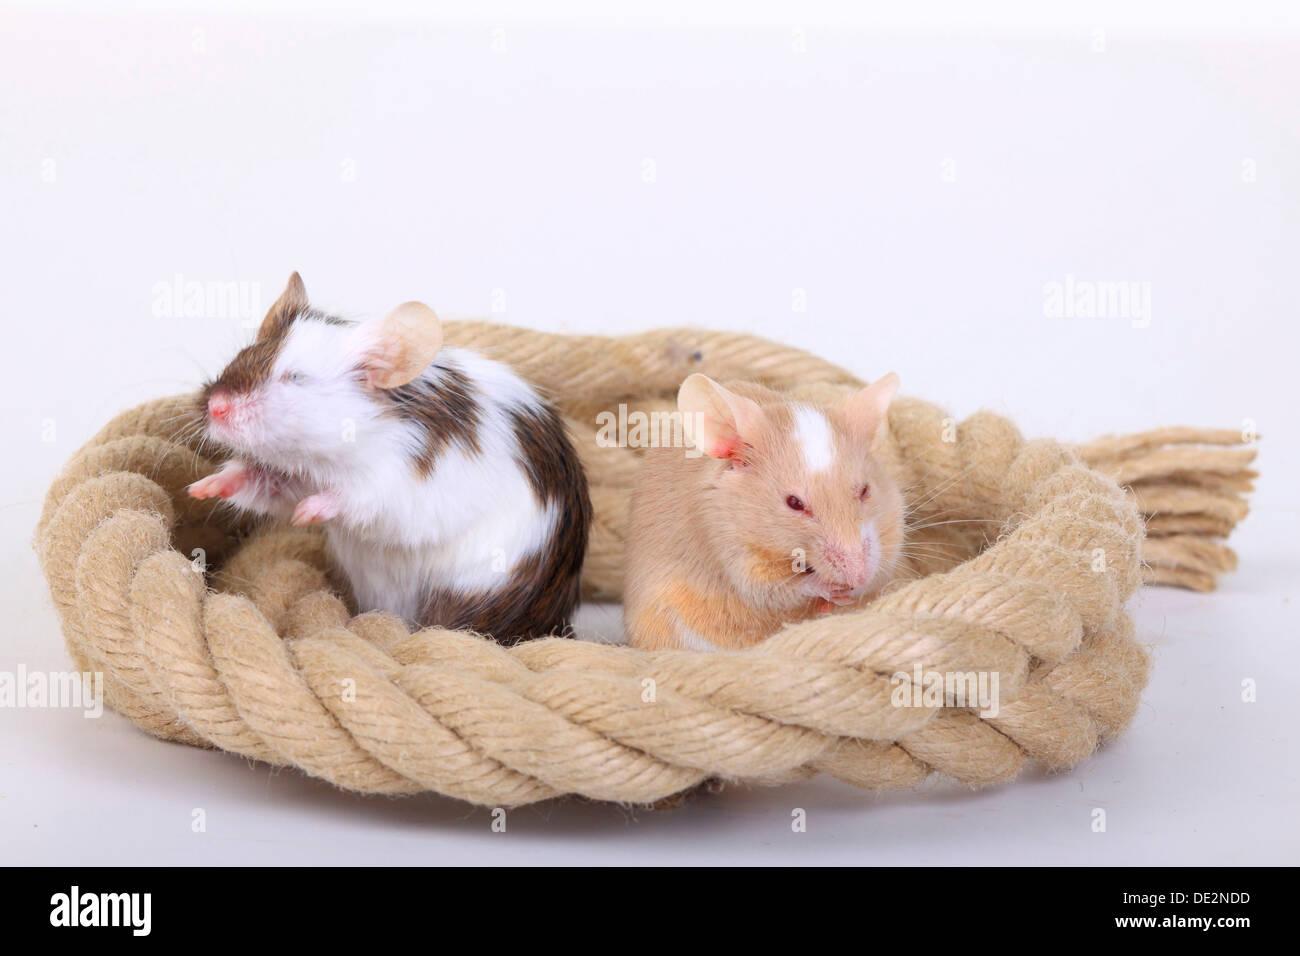 Ratones en casa best casas de muecas trampa o cepo en miniatura para ratones ratas etc para - Ratones en casa ...